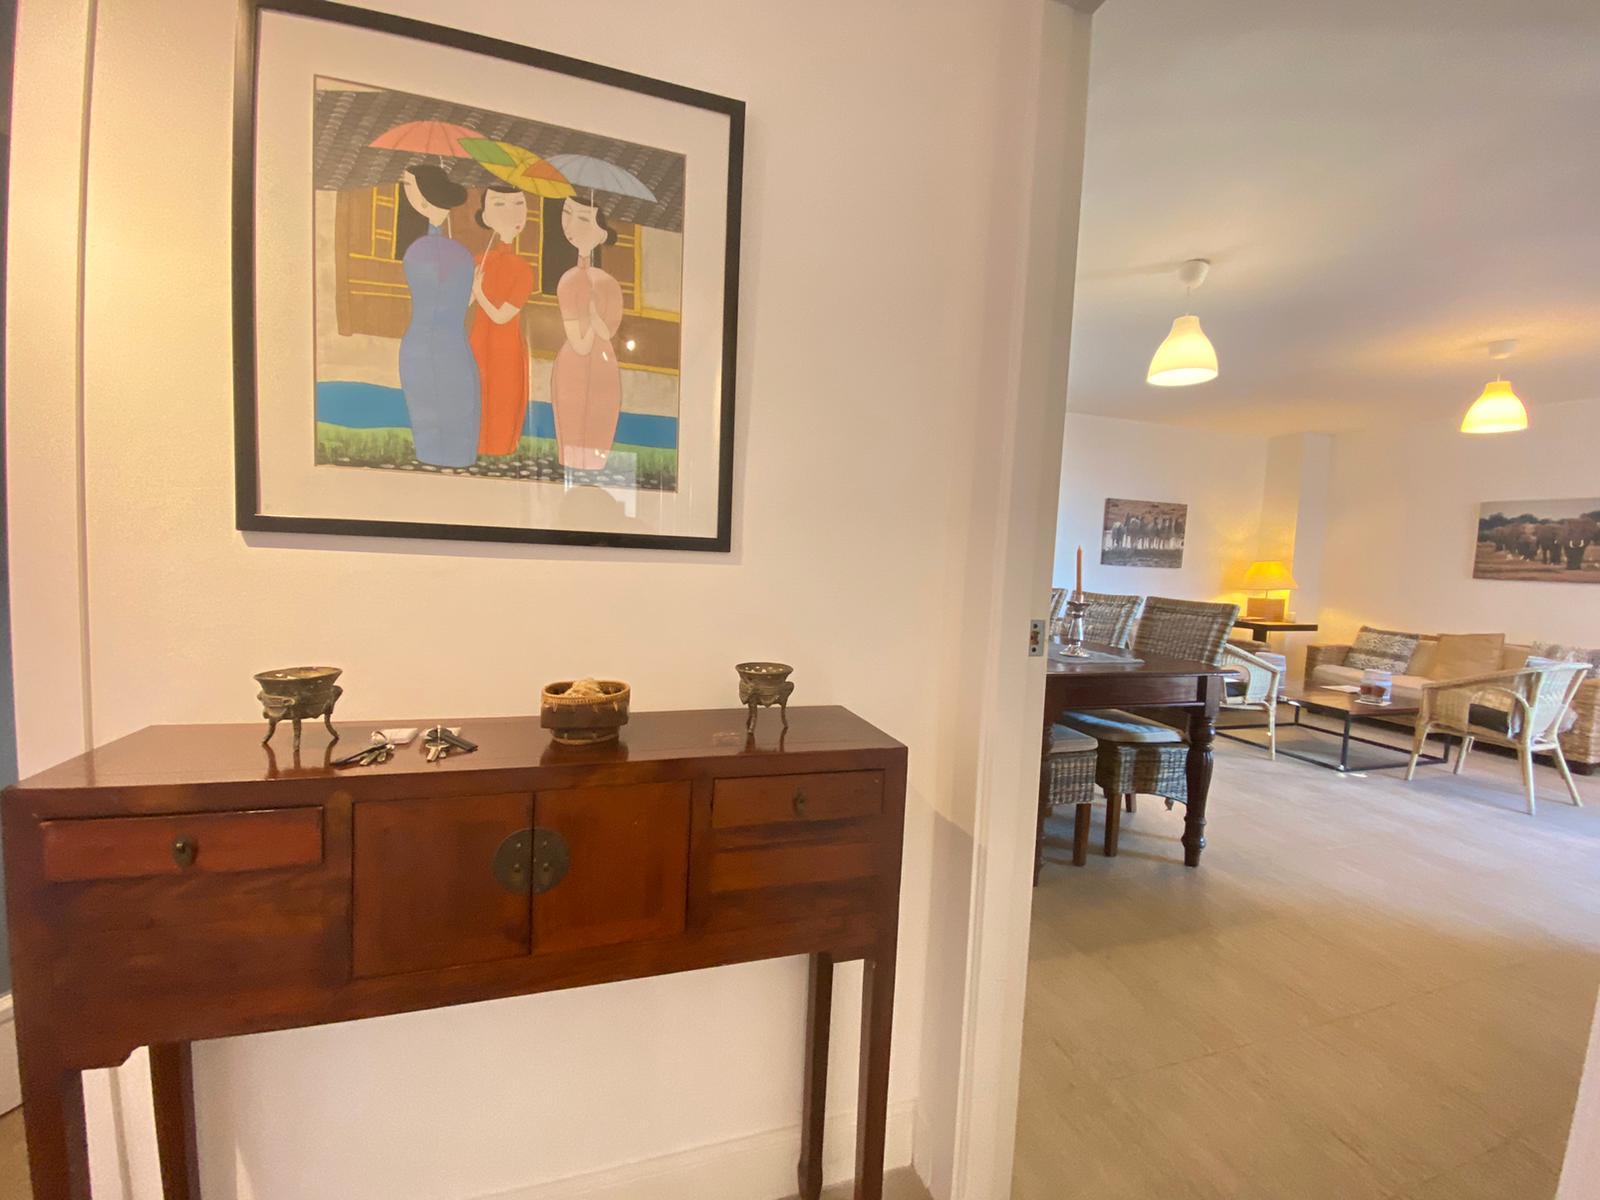 Imagen 15 del Apartamento Turístico, Ático 6 Levante (3d+2b), Punta del Moral (HUELVA), Paseo de la Cruz nº22